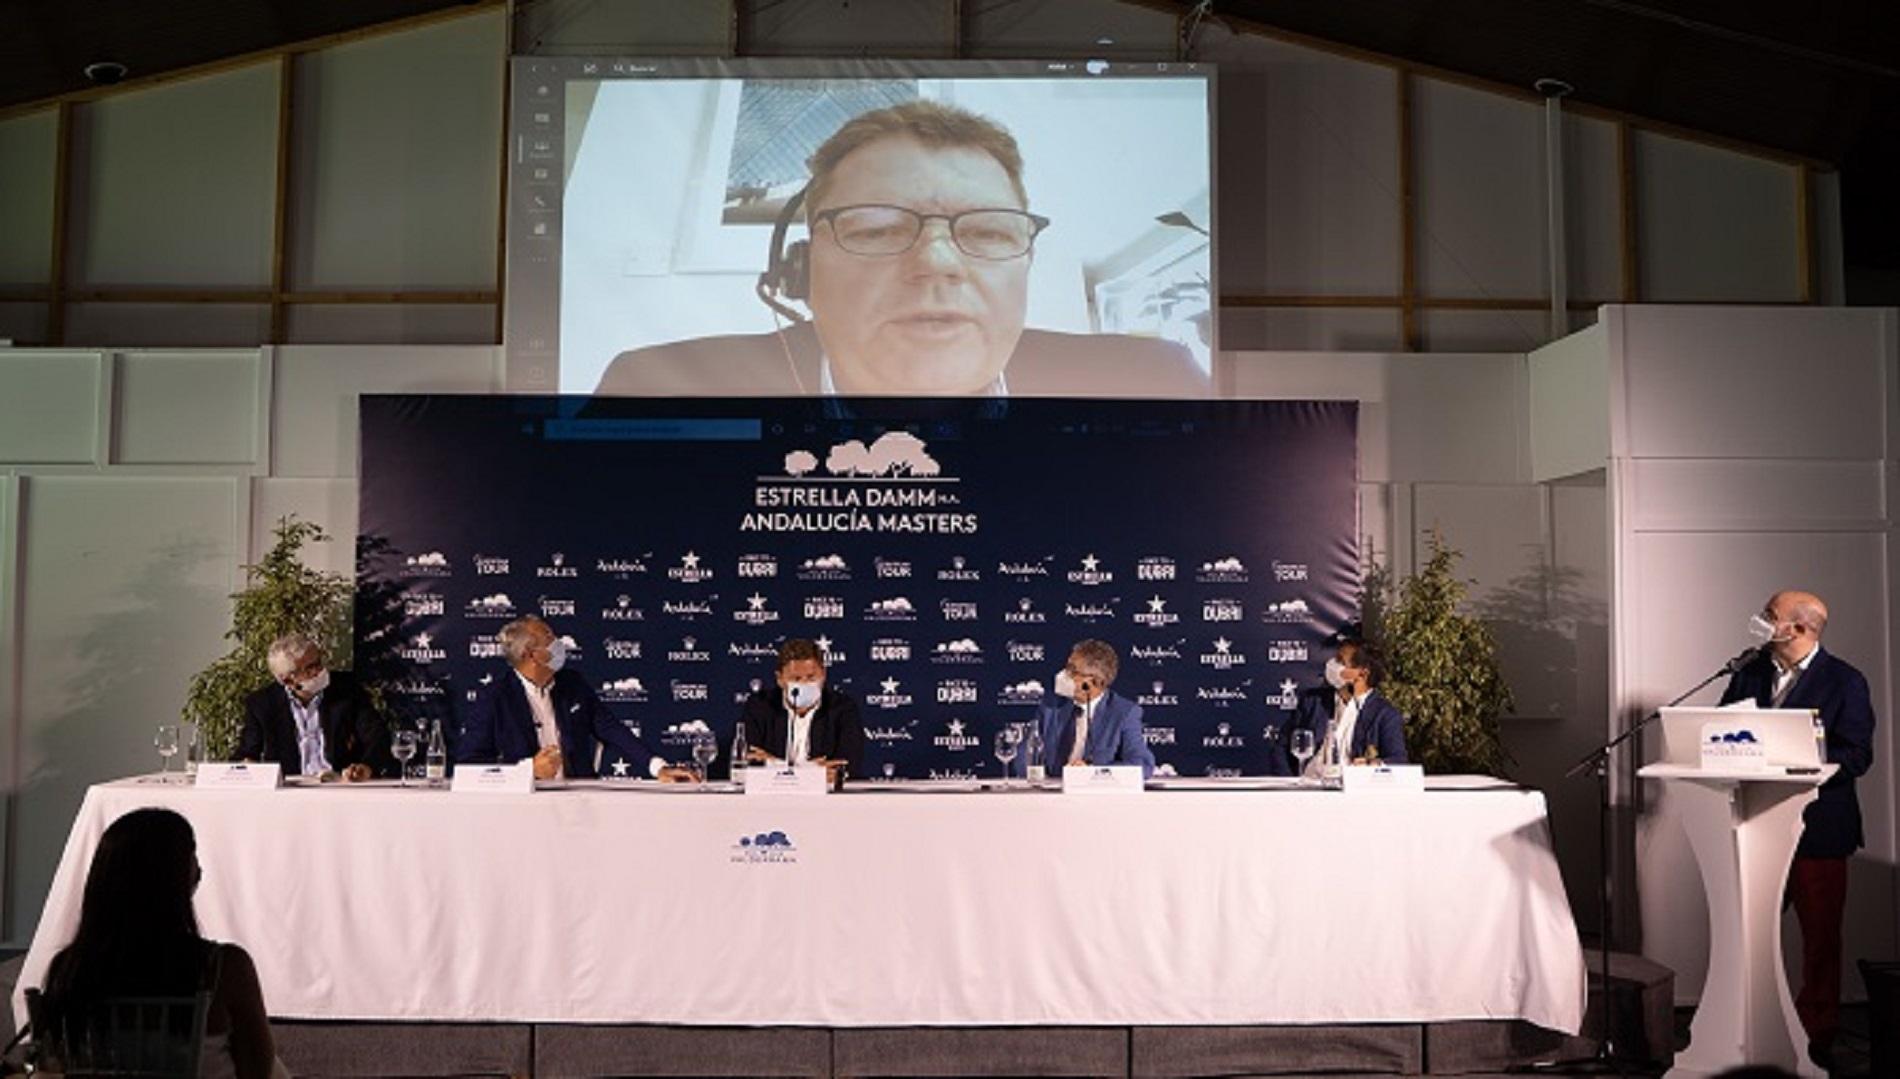 El Andalucía Masters de golf, presentado en Valderrama